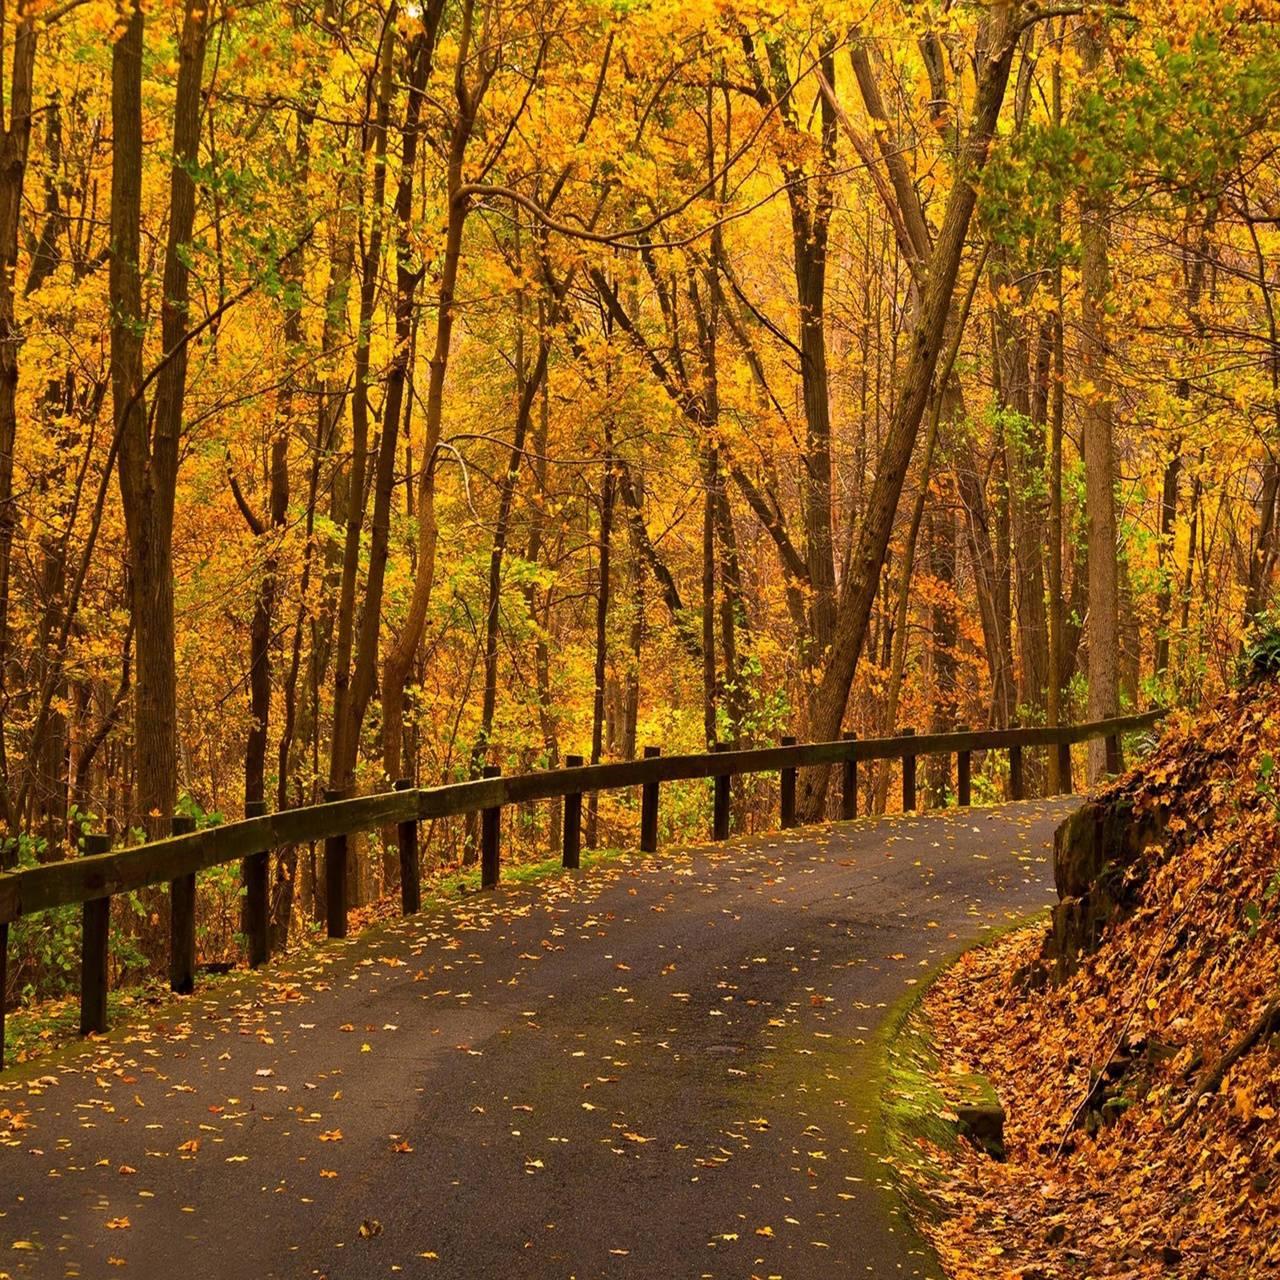 Leaves road autumn